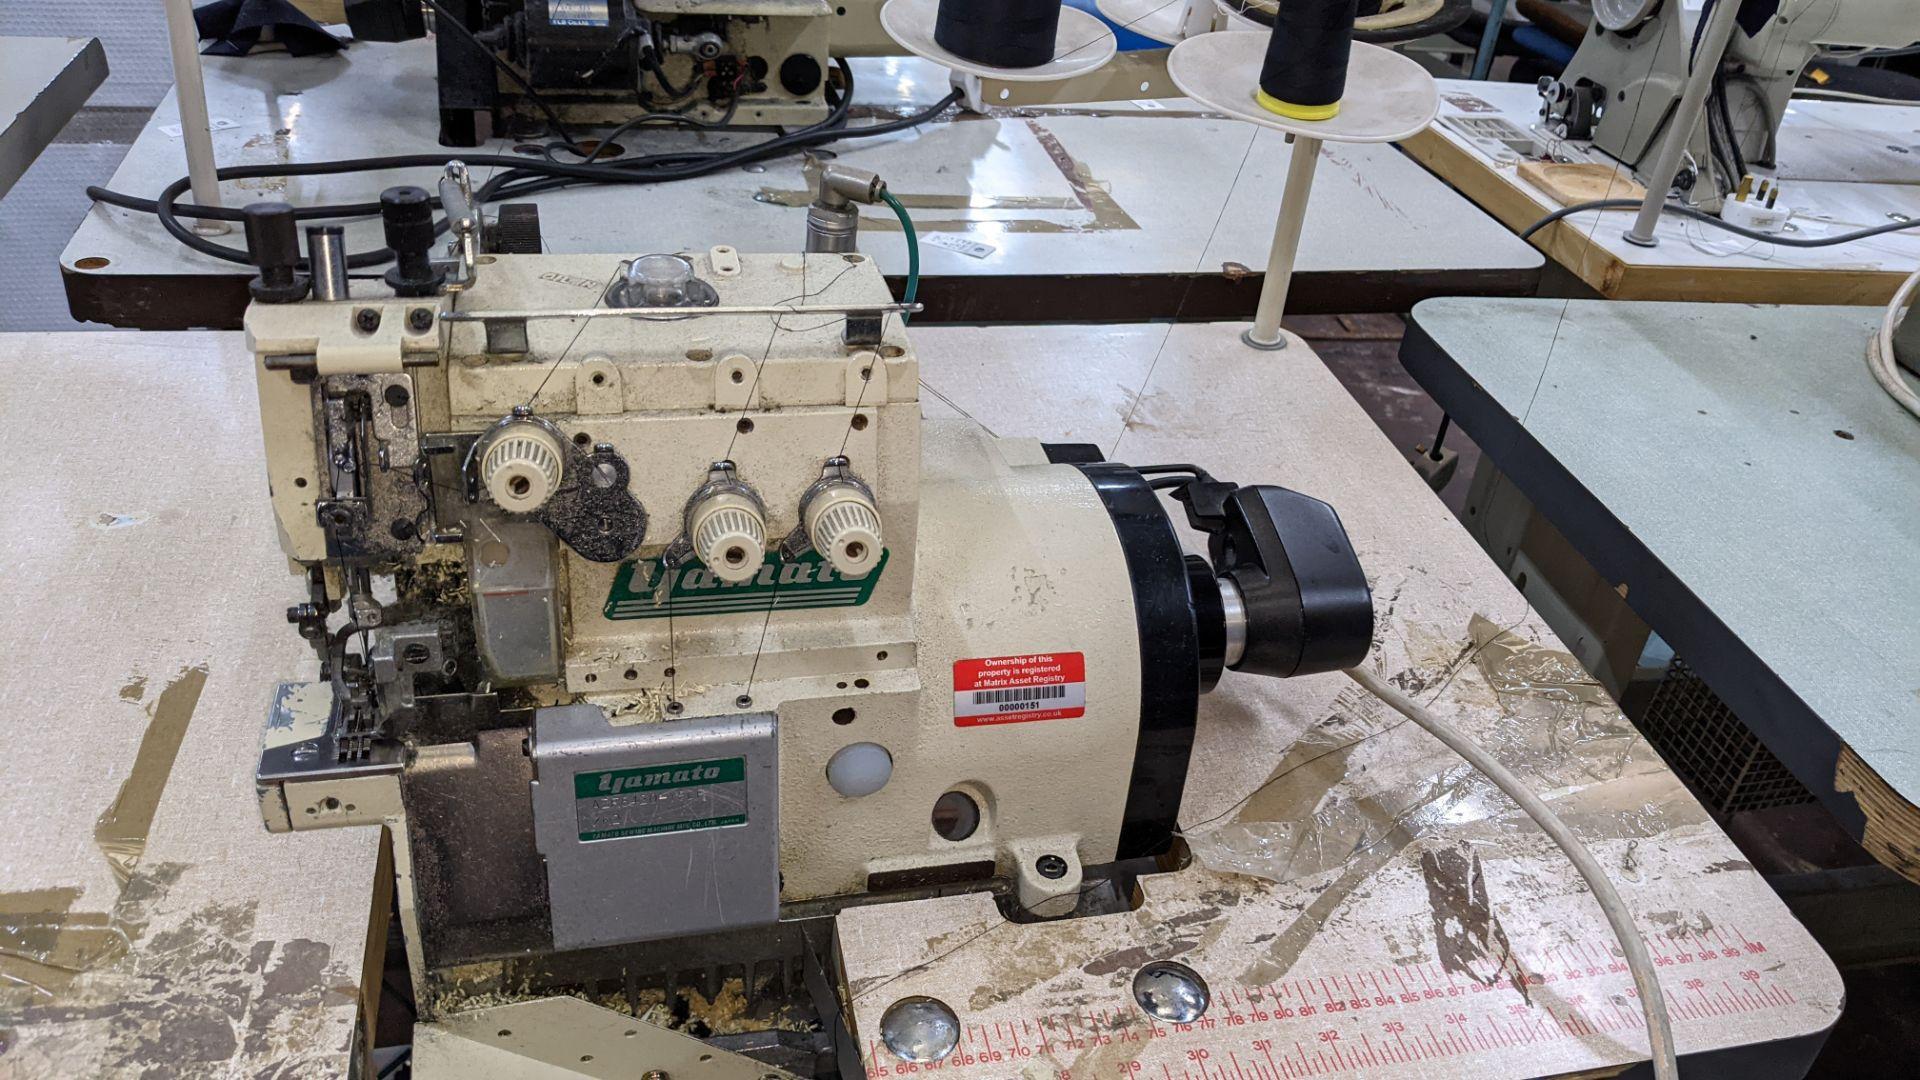 Yamato overlocker, model AZR8420-YSDF - Image 5 of 15